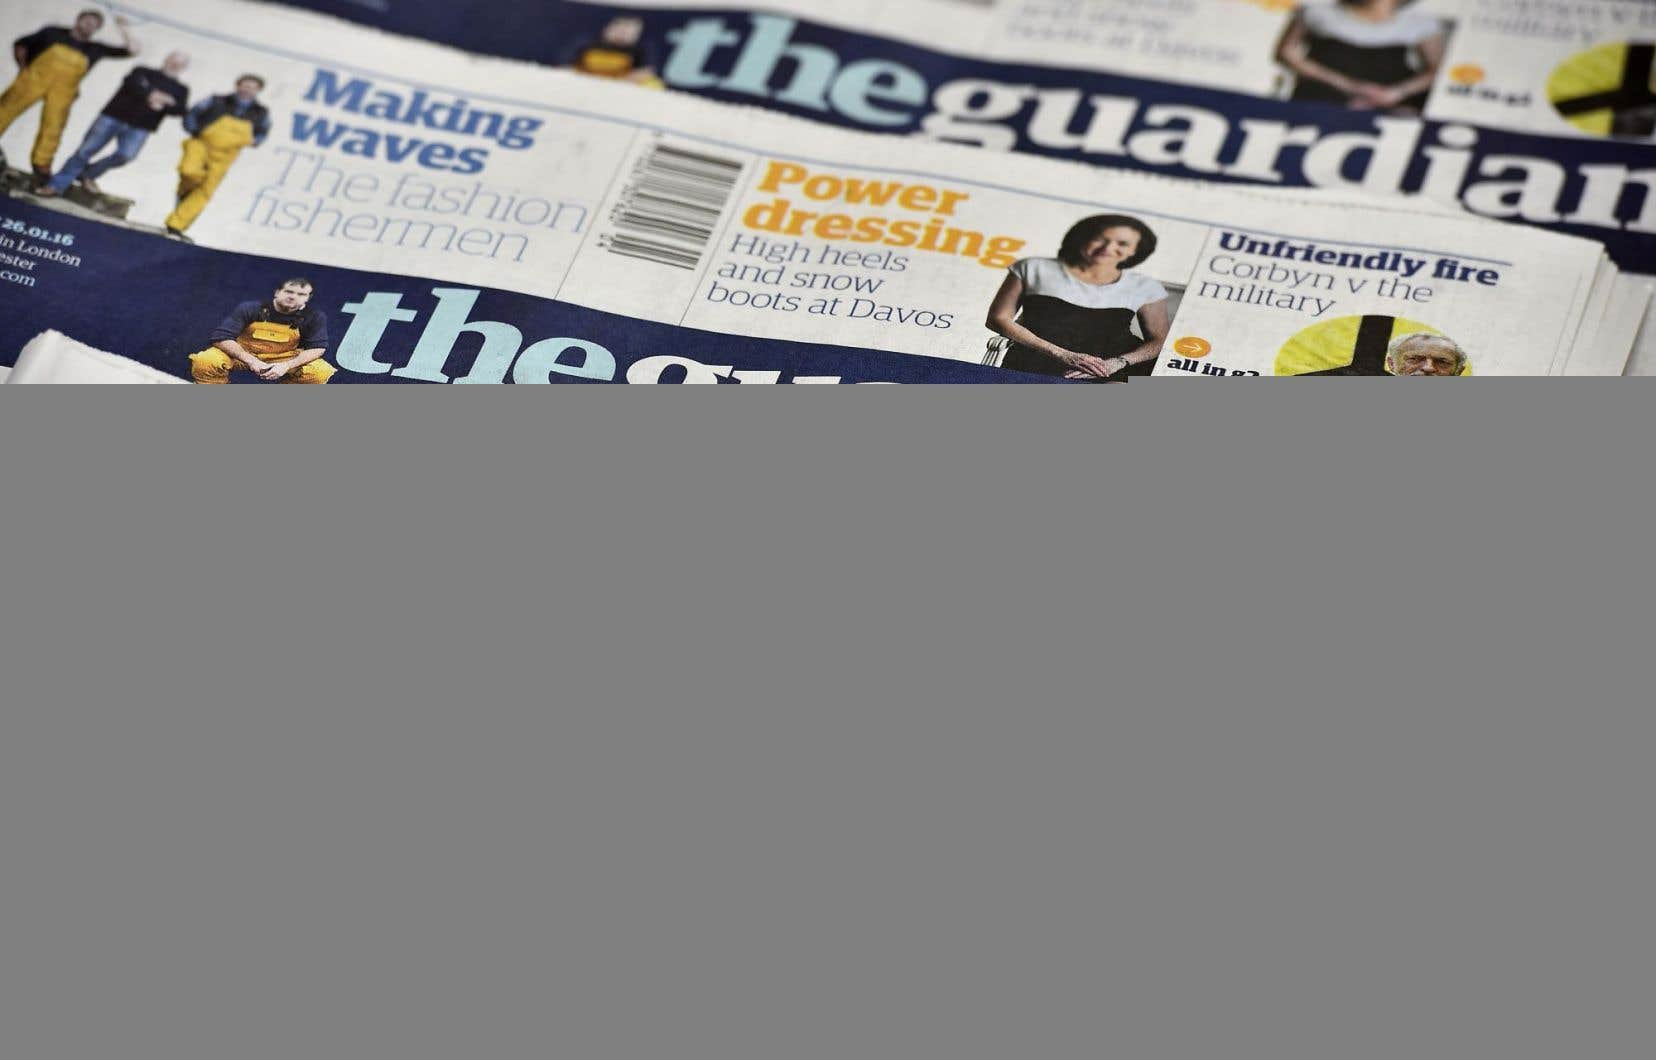 Le célèbre quotidien britannique «The Guardian» a annoncé début juin le lancement de sa série «Half Full», en référence à l'expression du «verre à moitié plein». Le site du journal promet davantage d'articles centrés sur «les solutions, les innovations et les réponses» apportées par des individus autour du globe, sous l'étendard de l'«information positive».